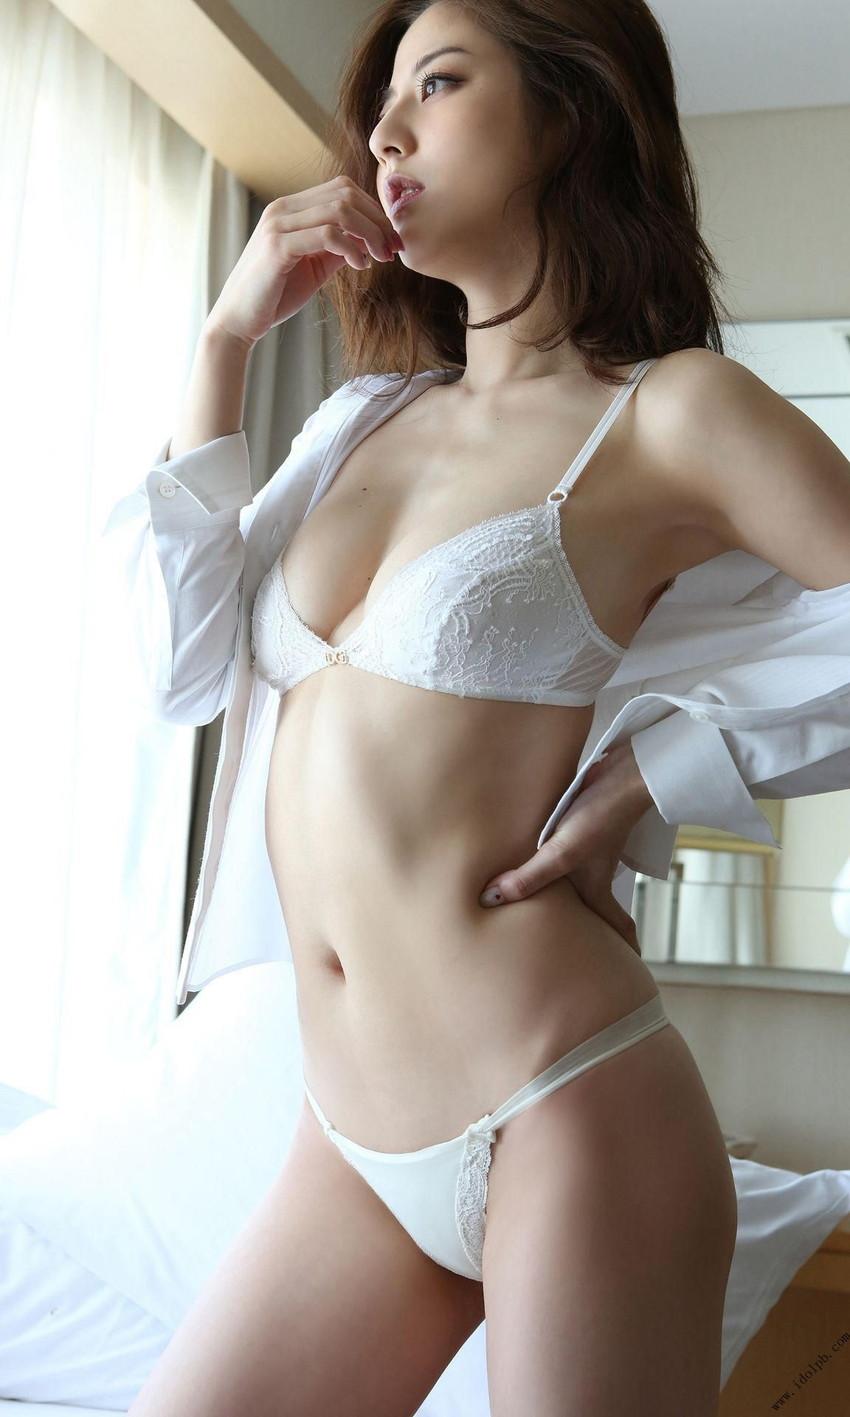 【ランジェリーエロ画像】男性用の下着とは一味違う!セクシーさに釘付け女性下着! 60